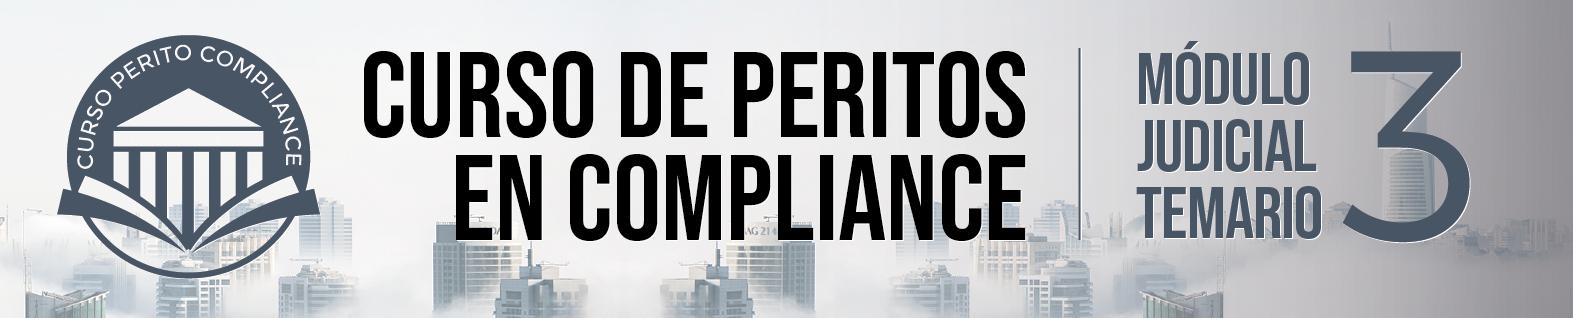 Tercer Módulo del Curso de Peritos en Compliance - Ponentes